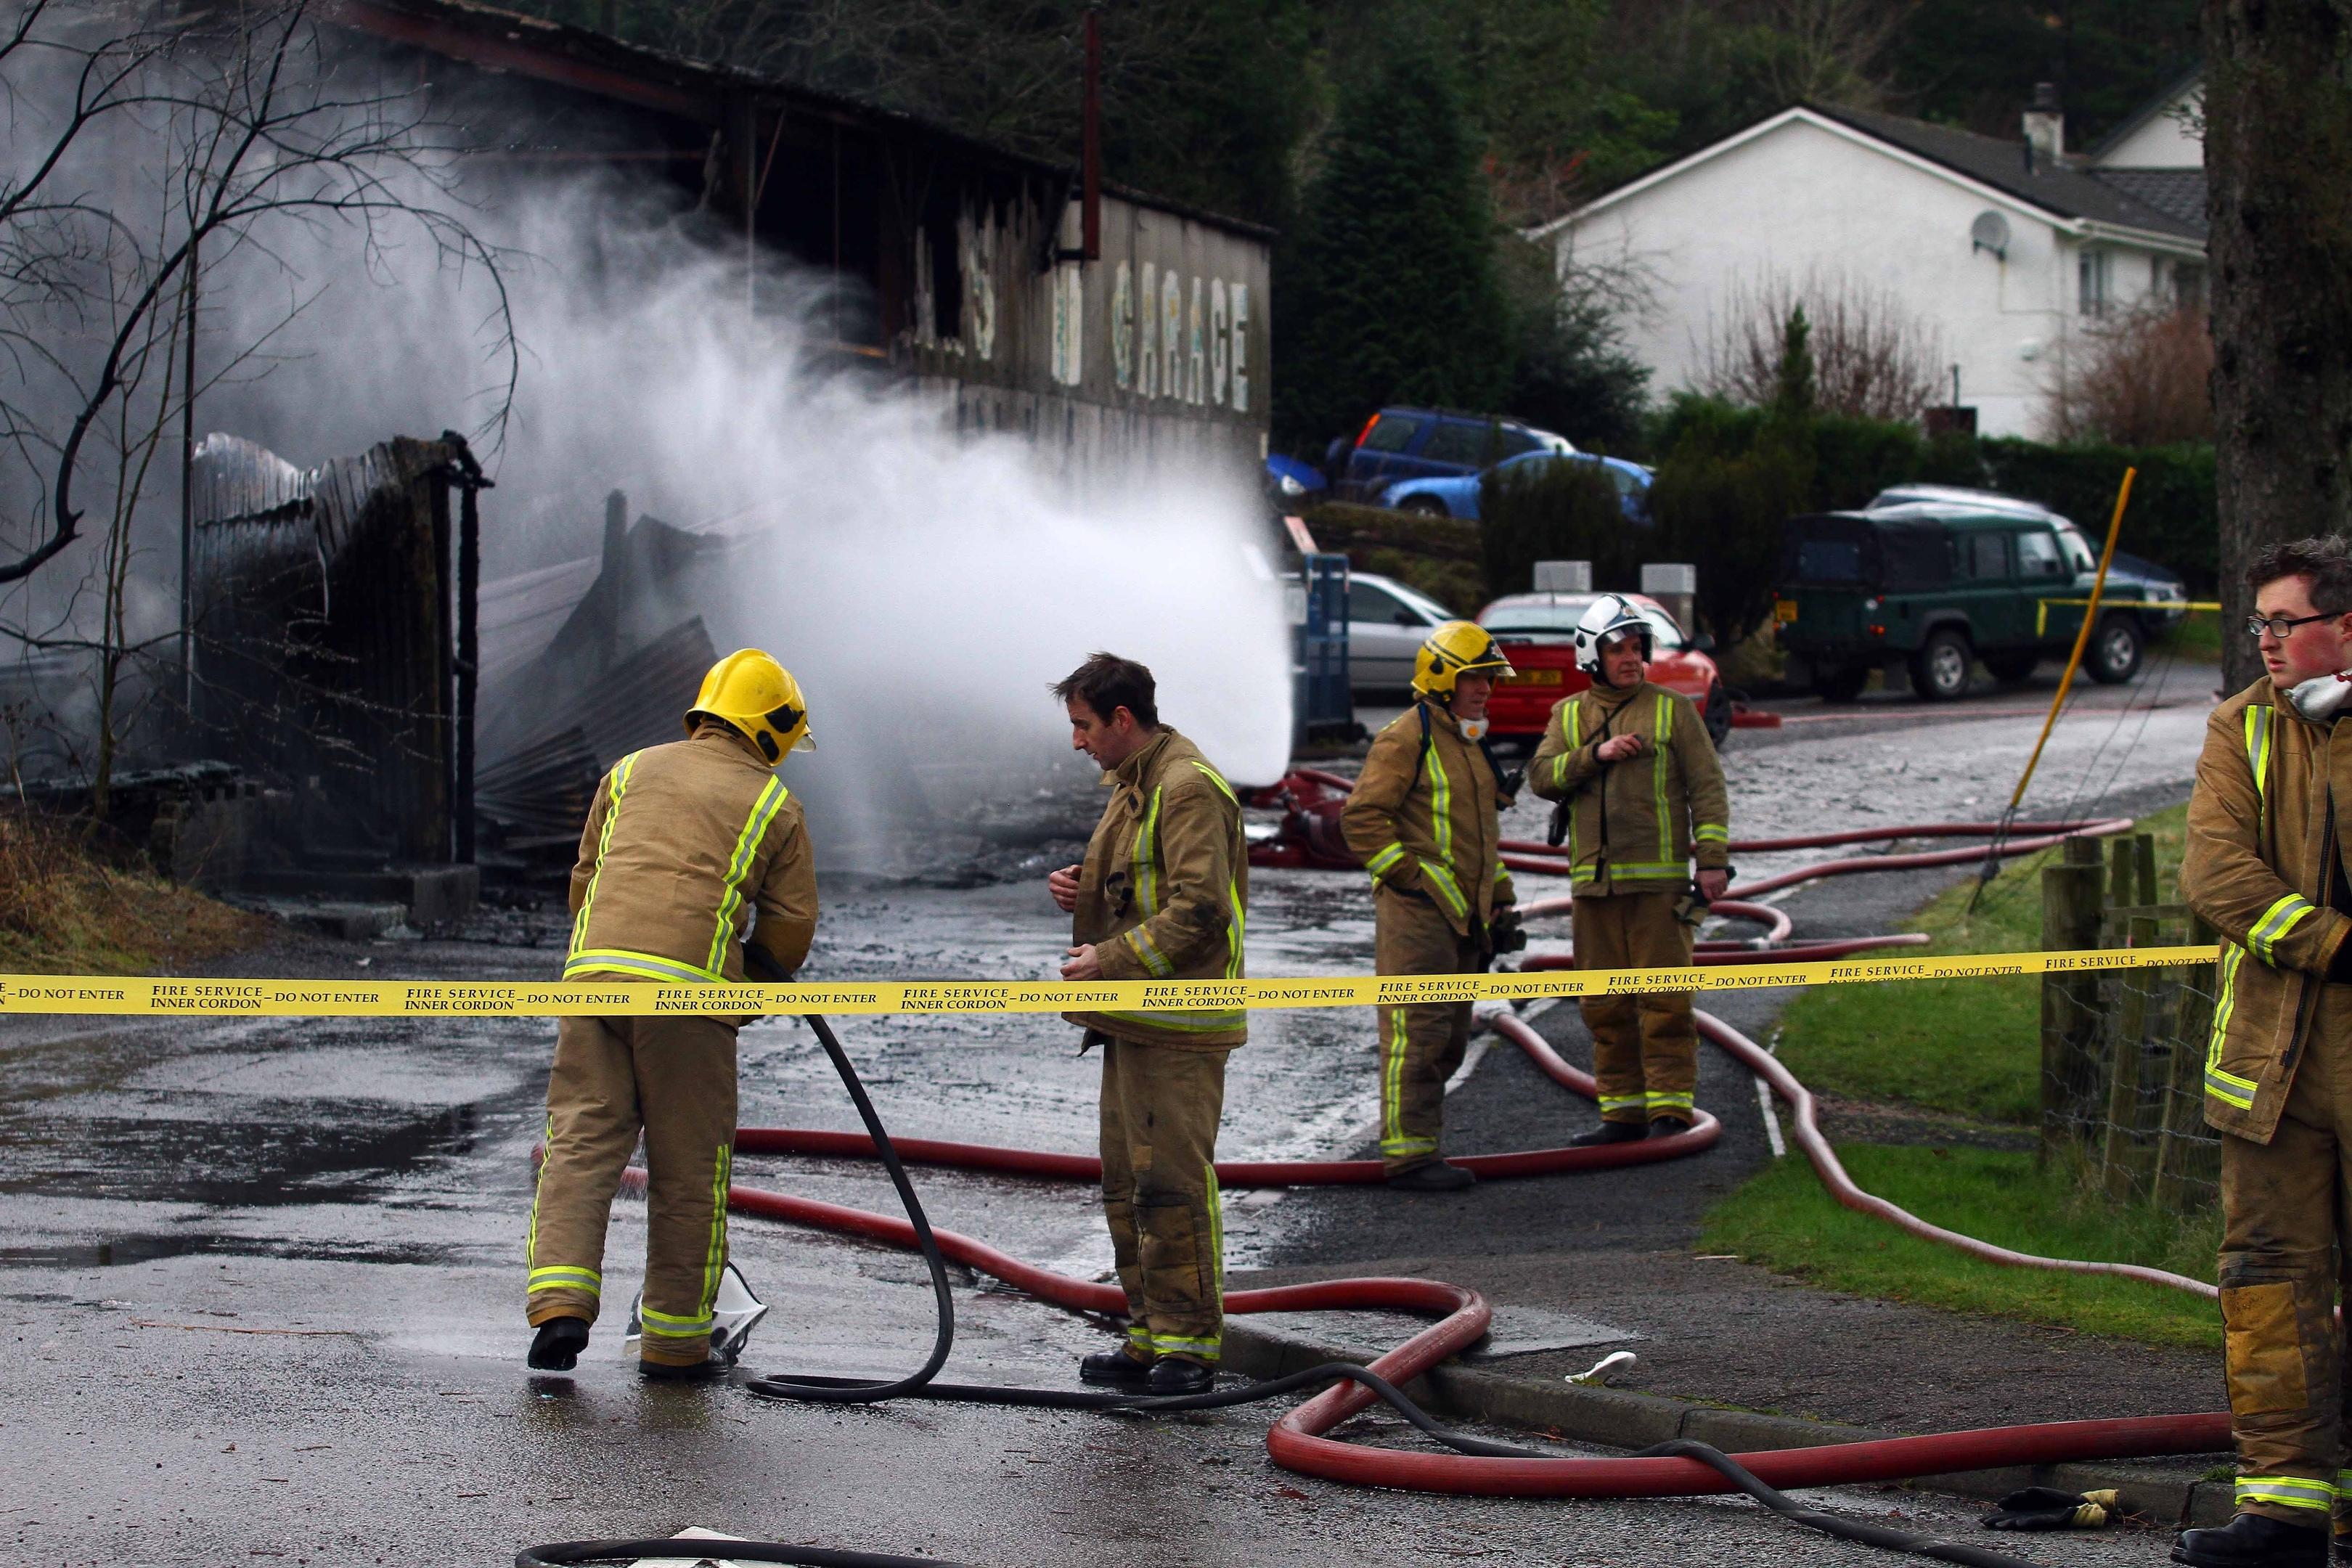 Fire crews attended a fire in Gunn's Garage